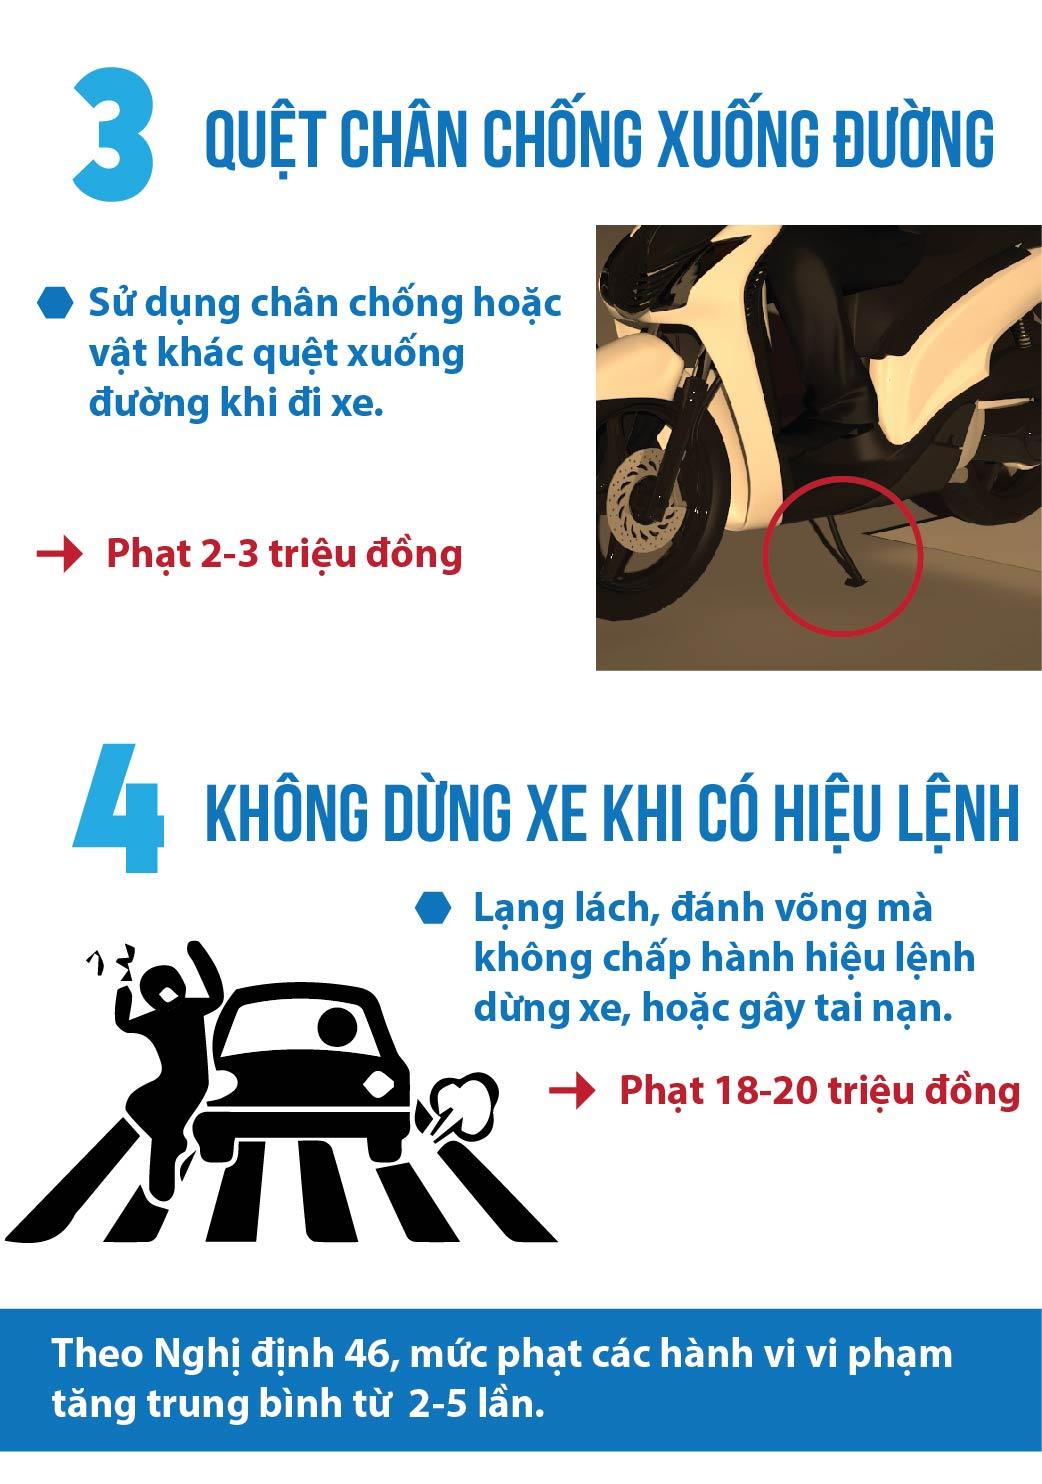 [Đồ họa] Những điểm mới trong xử phạt vi phạm giao thông - 2